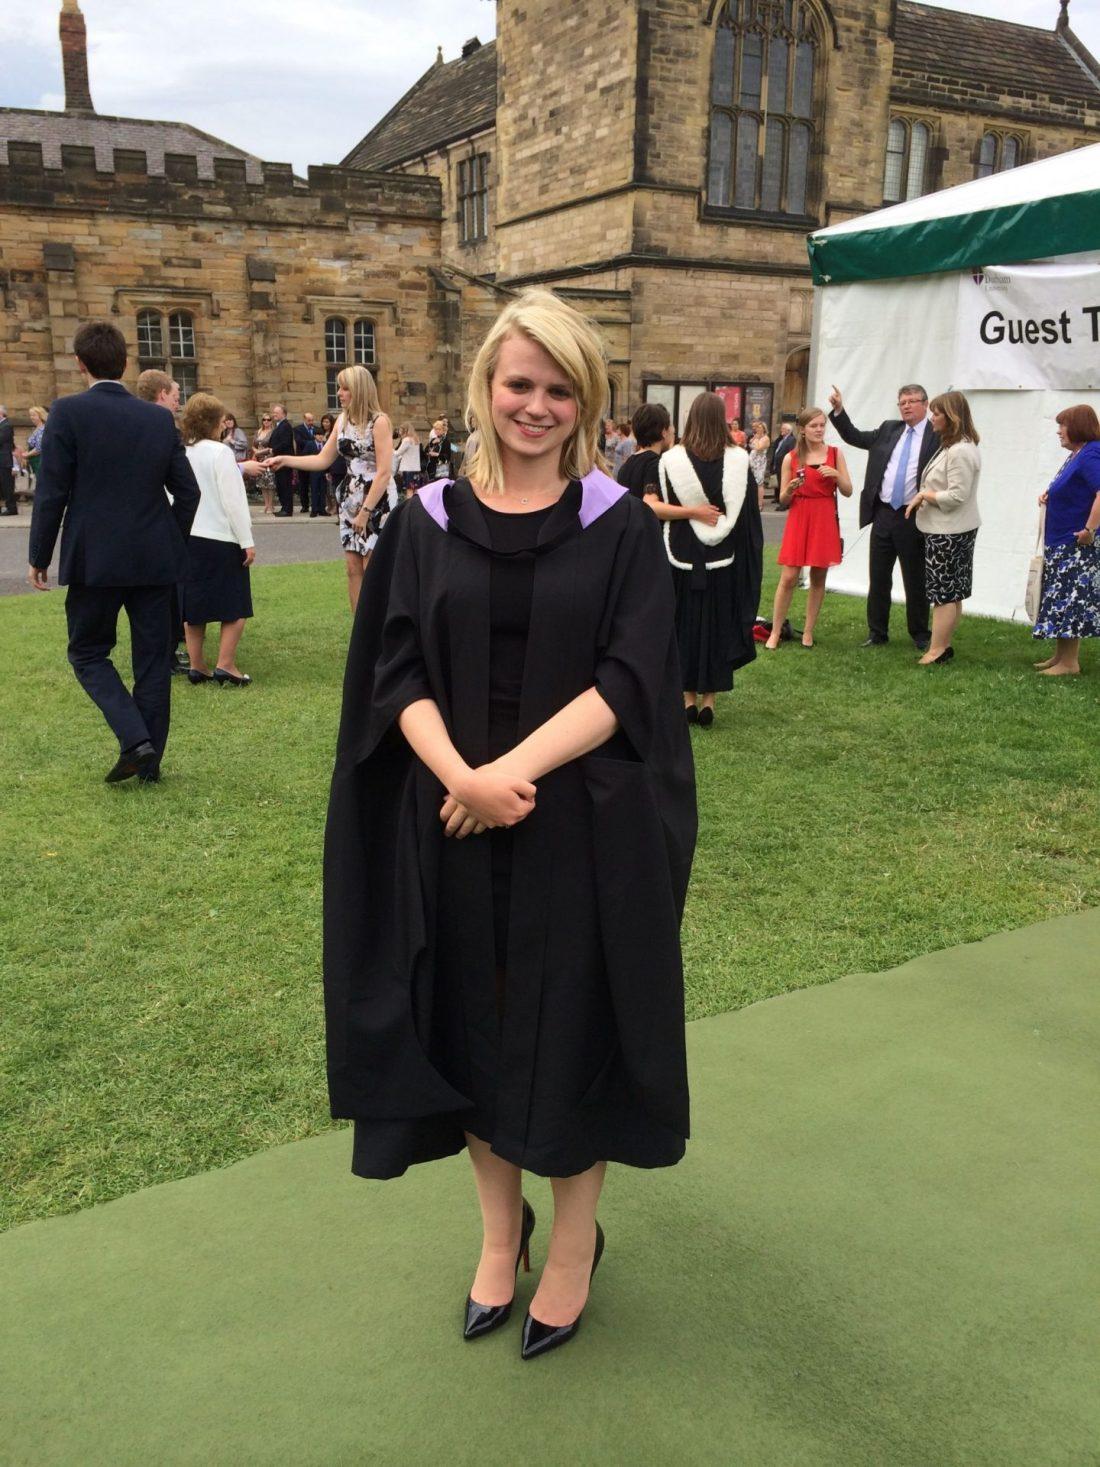 Laura on graduation day